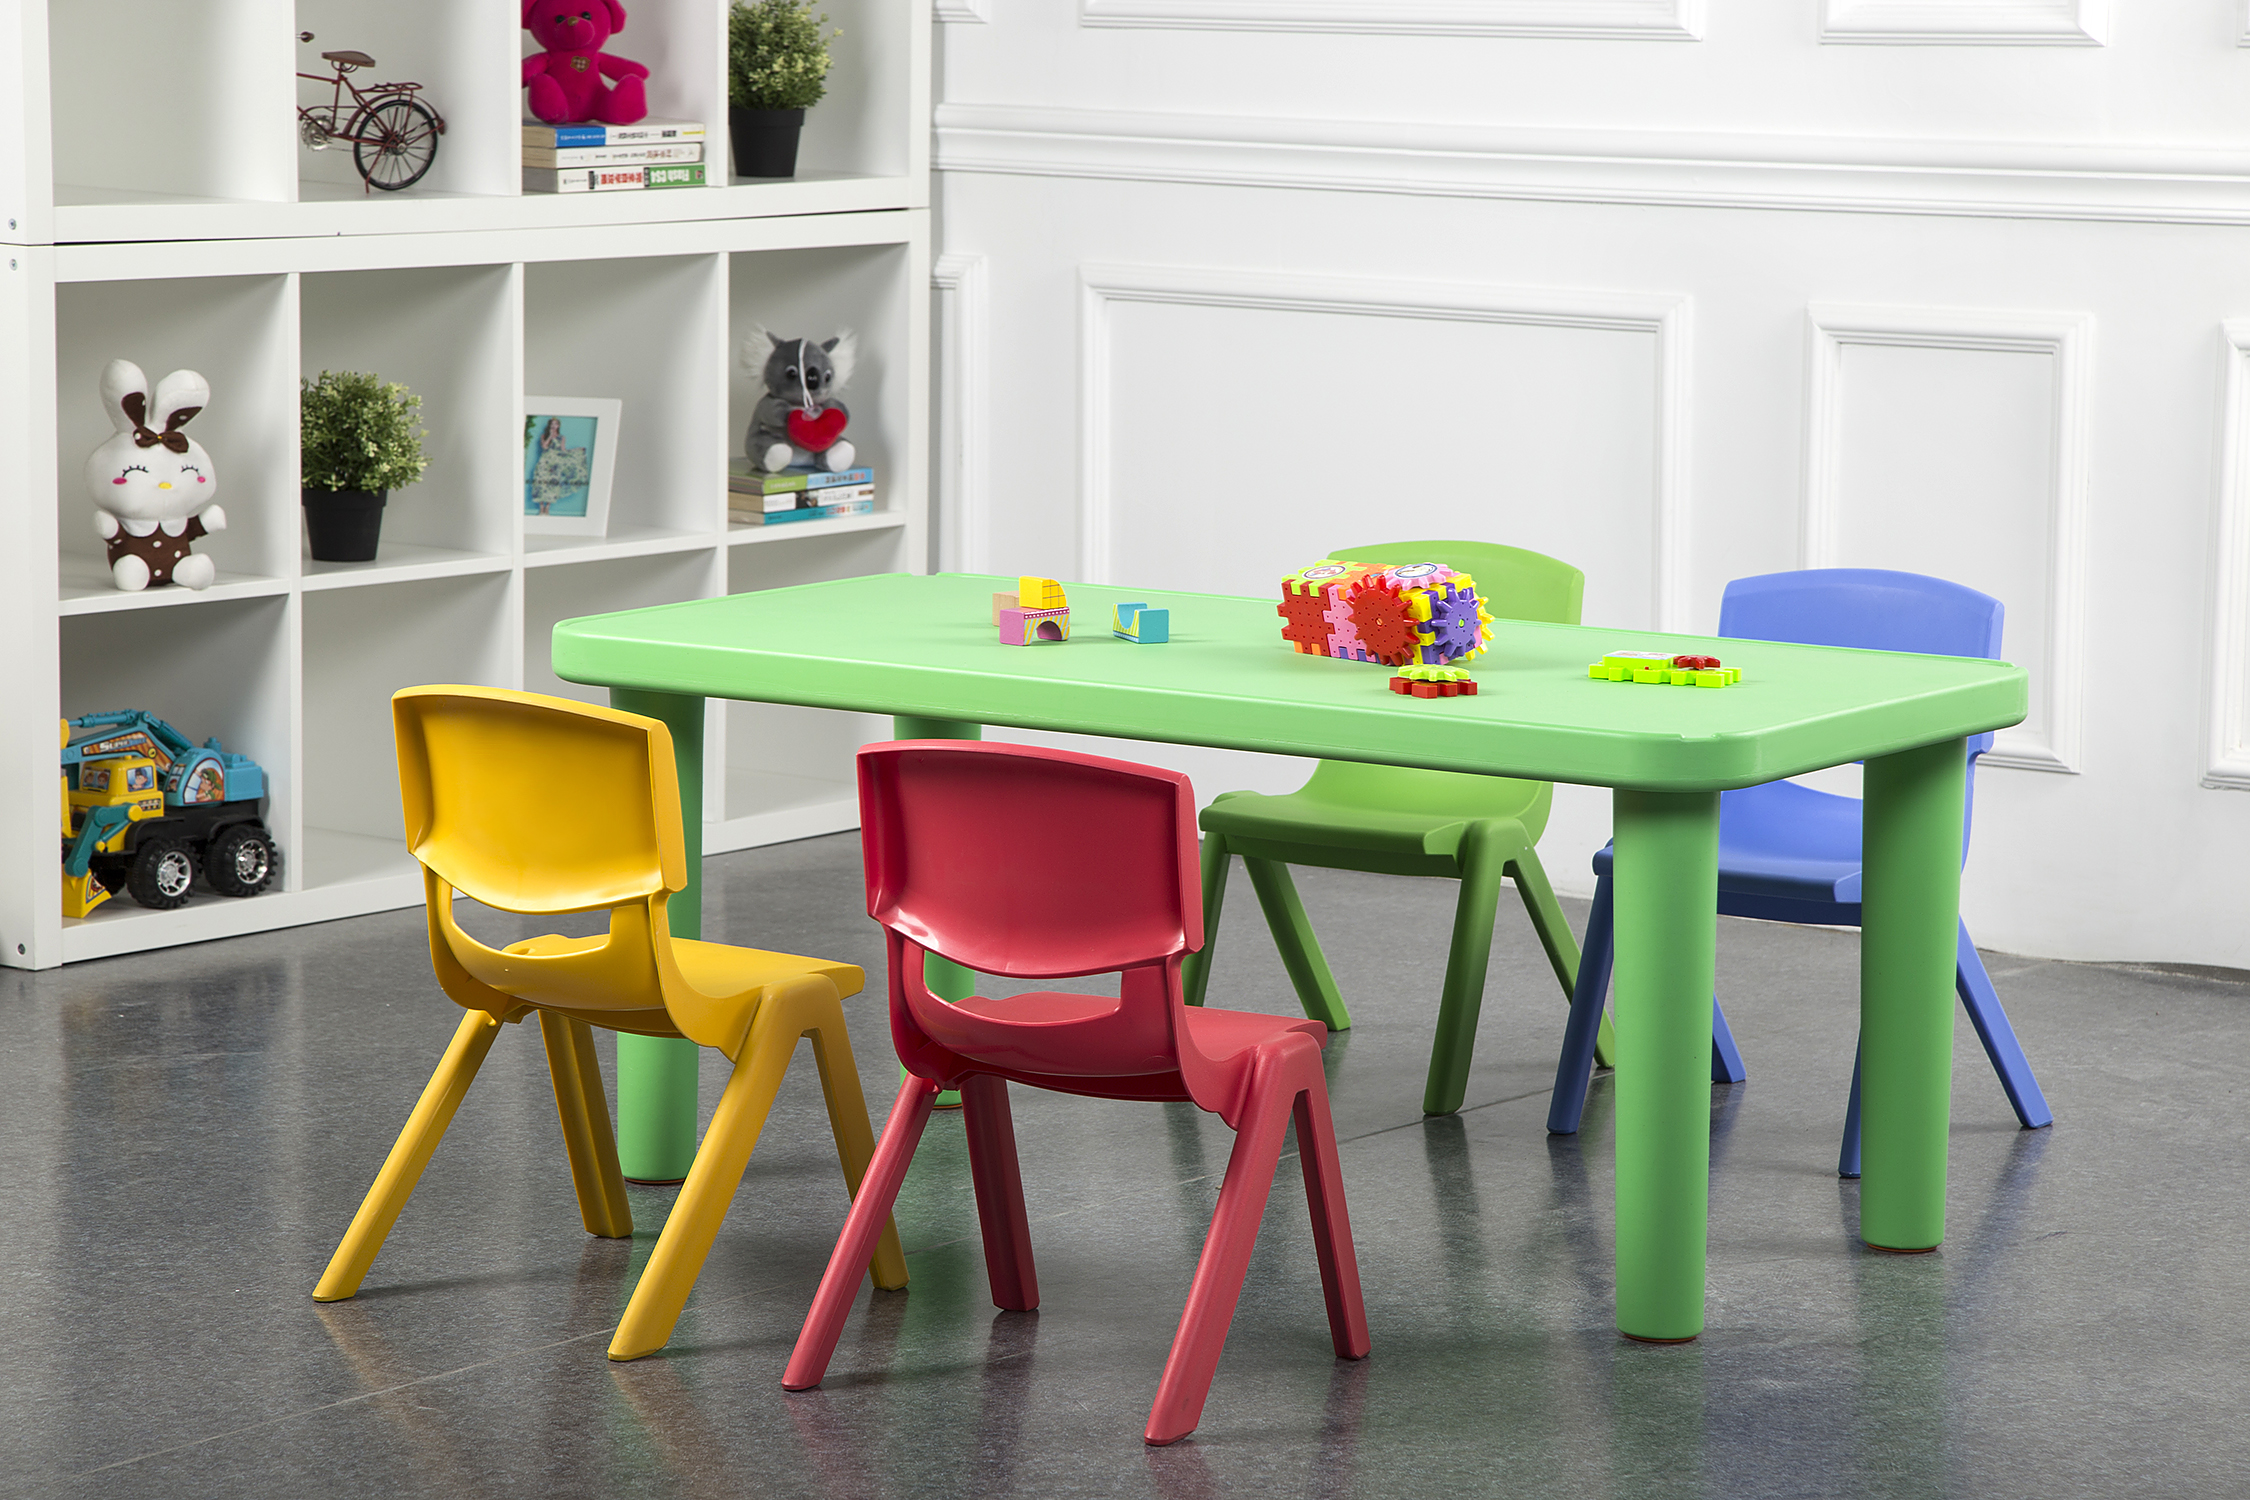 Фабрика OEM, Штабелируемая мебель для детского сада, цветной необычный пластиковый дешевый детский пластиковый стул pp